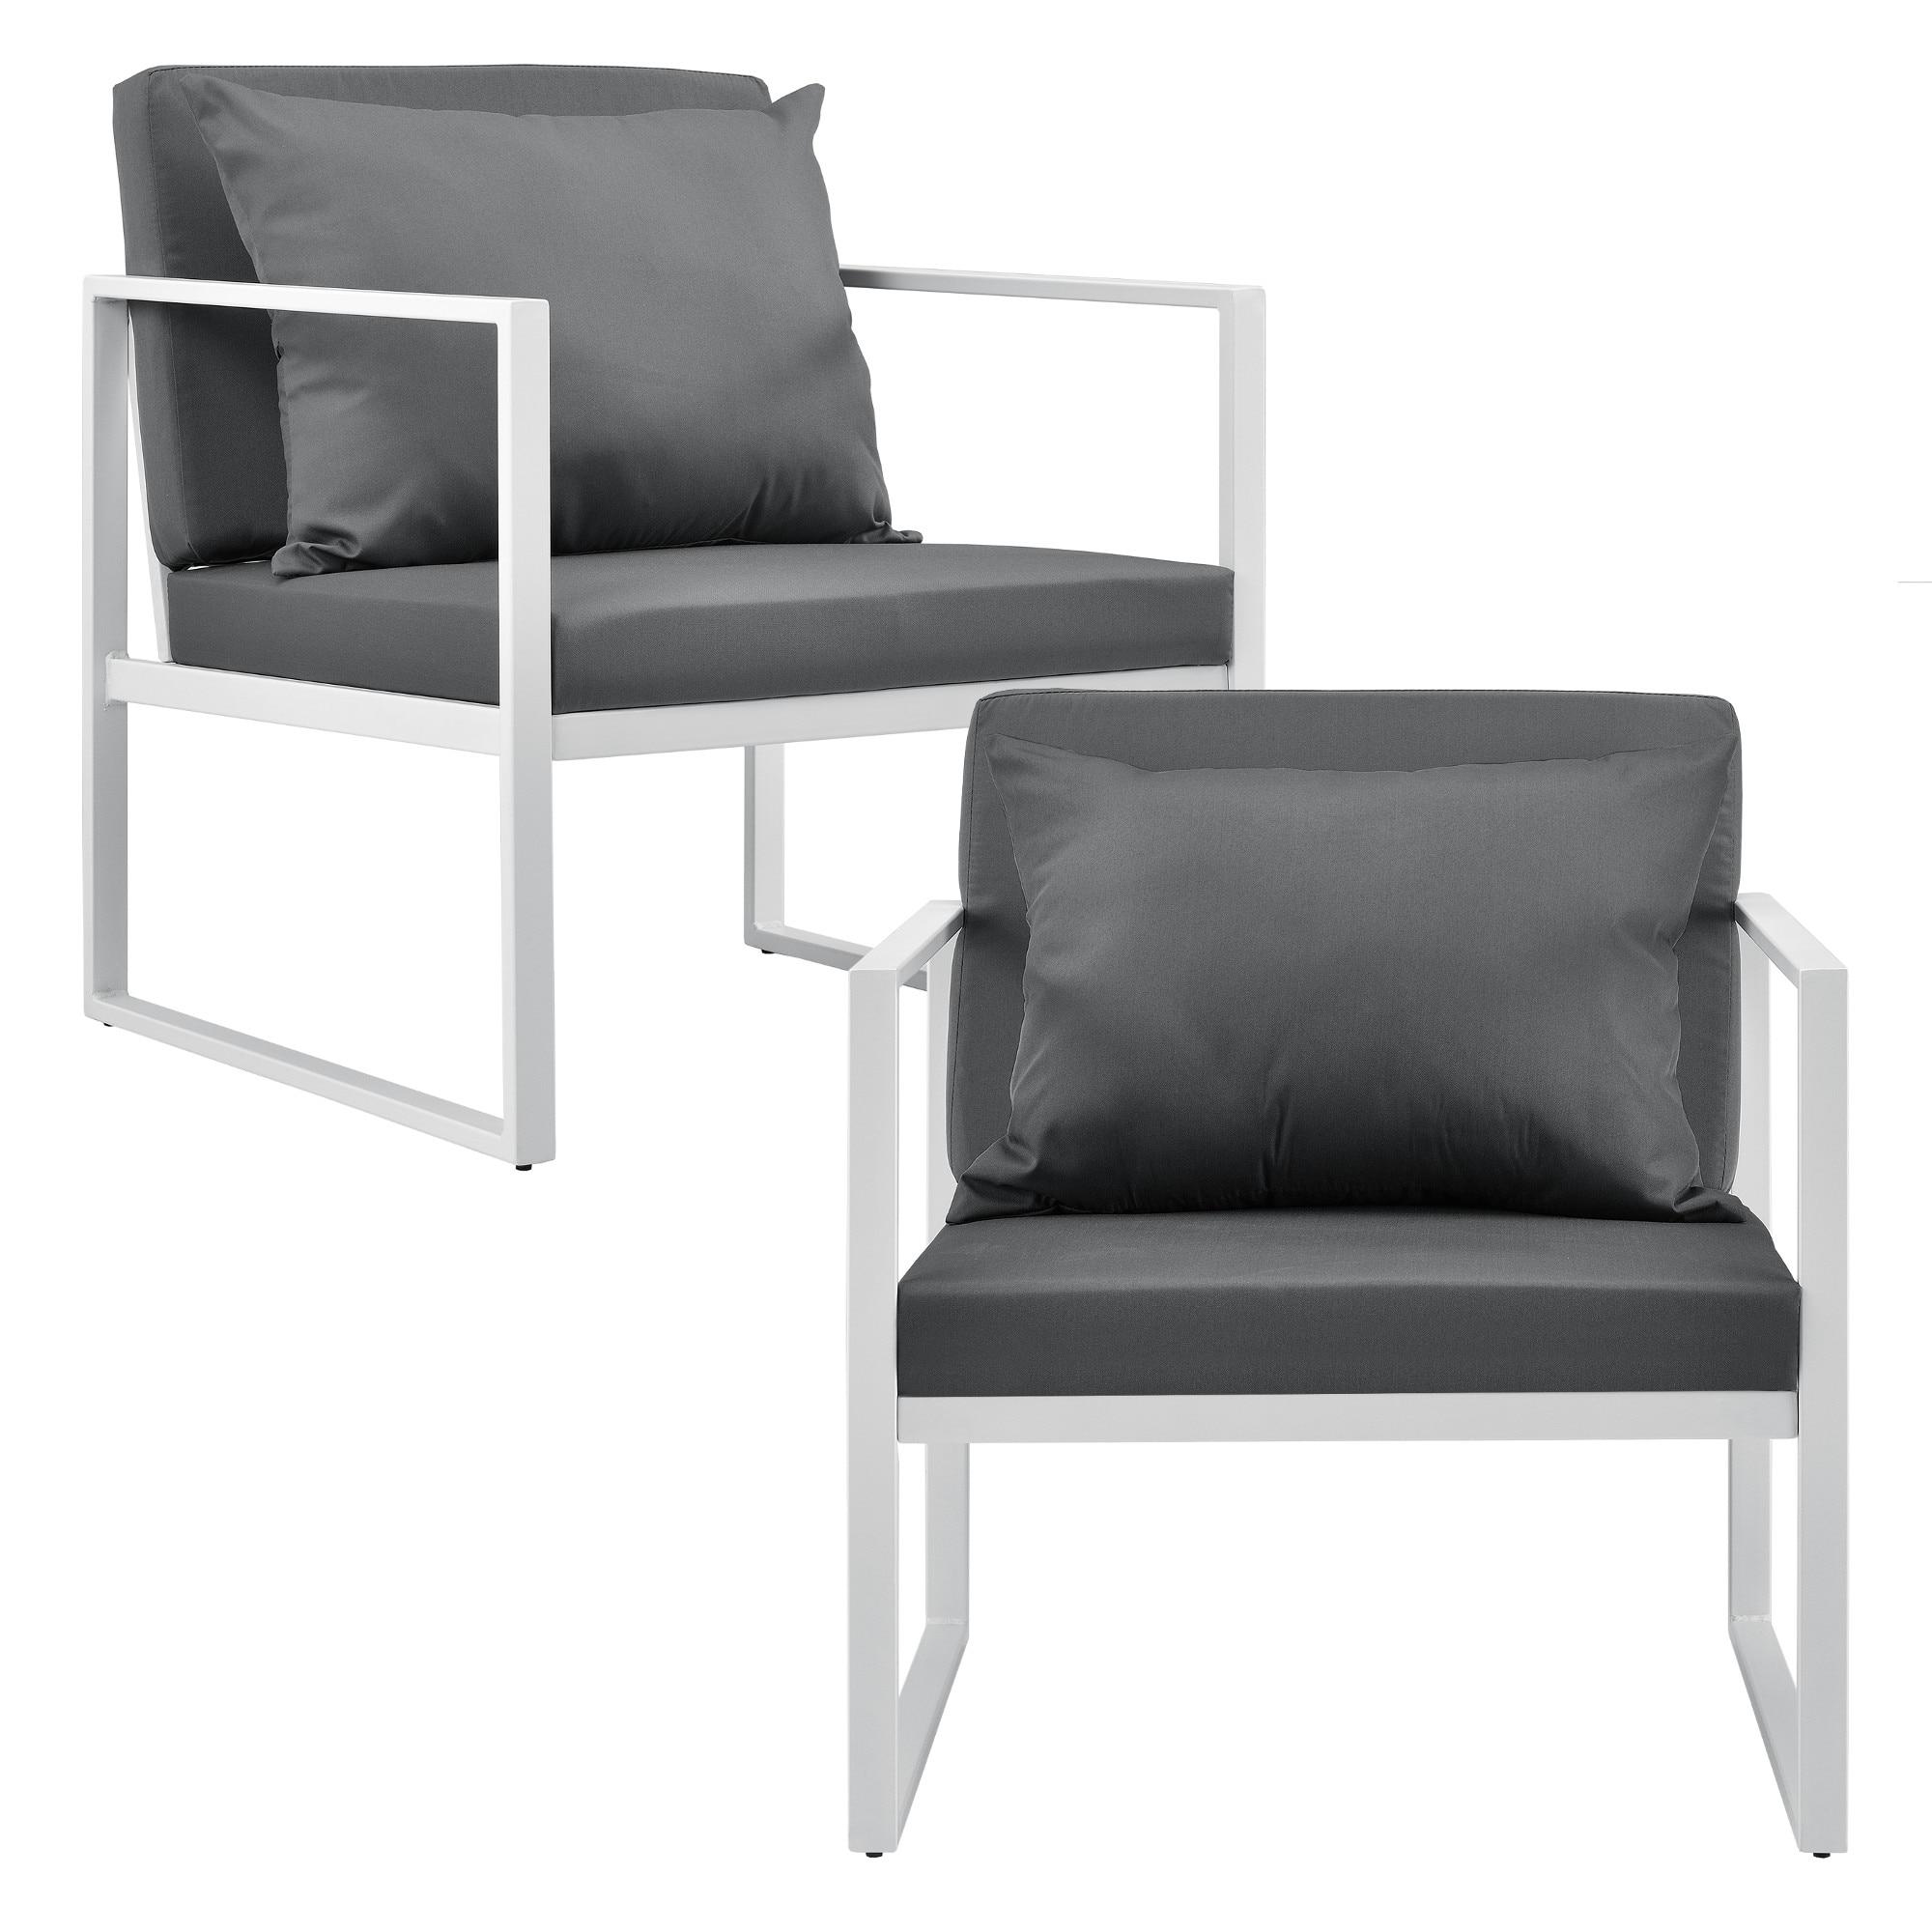 [casa.pro]® Kerti bútor szett 2 x kerti szék kanapé üveg dohányzóasztal fehér